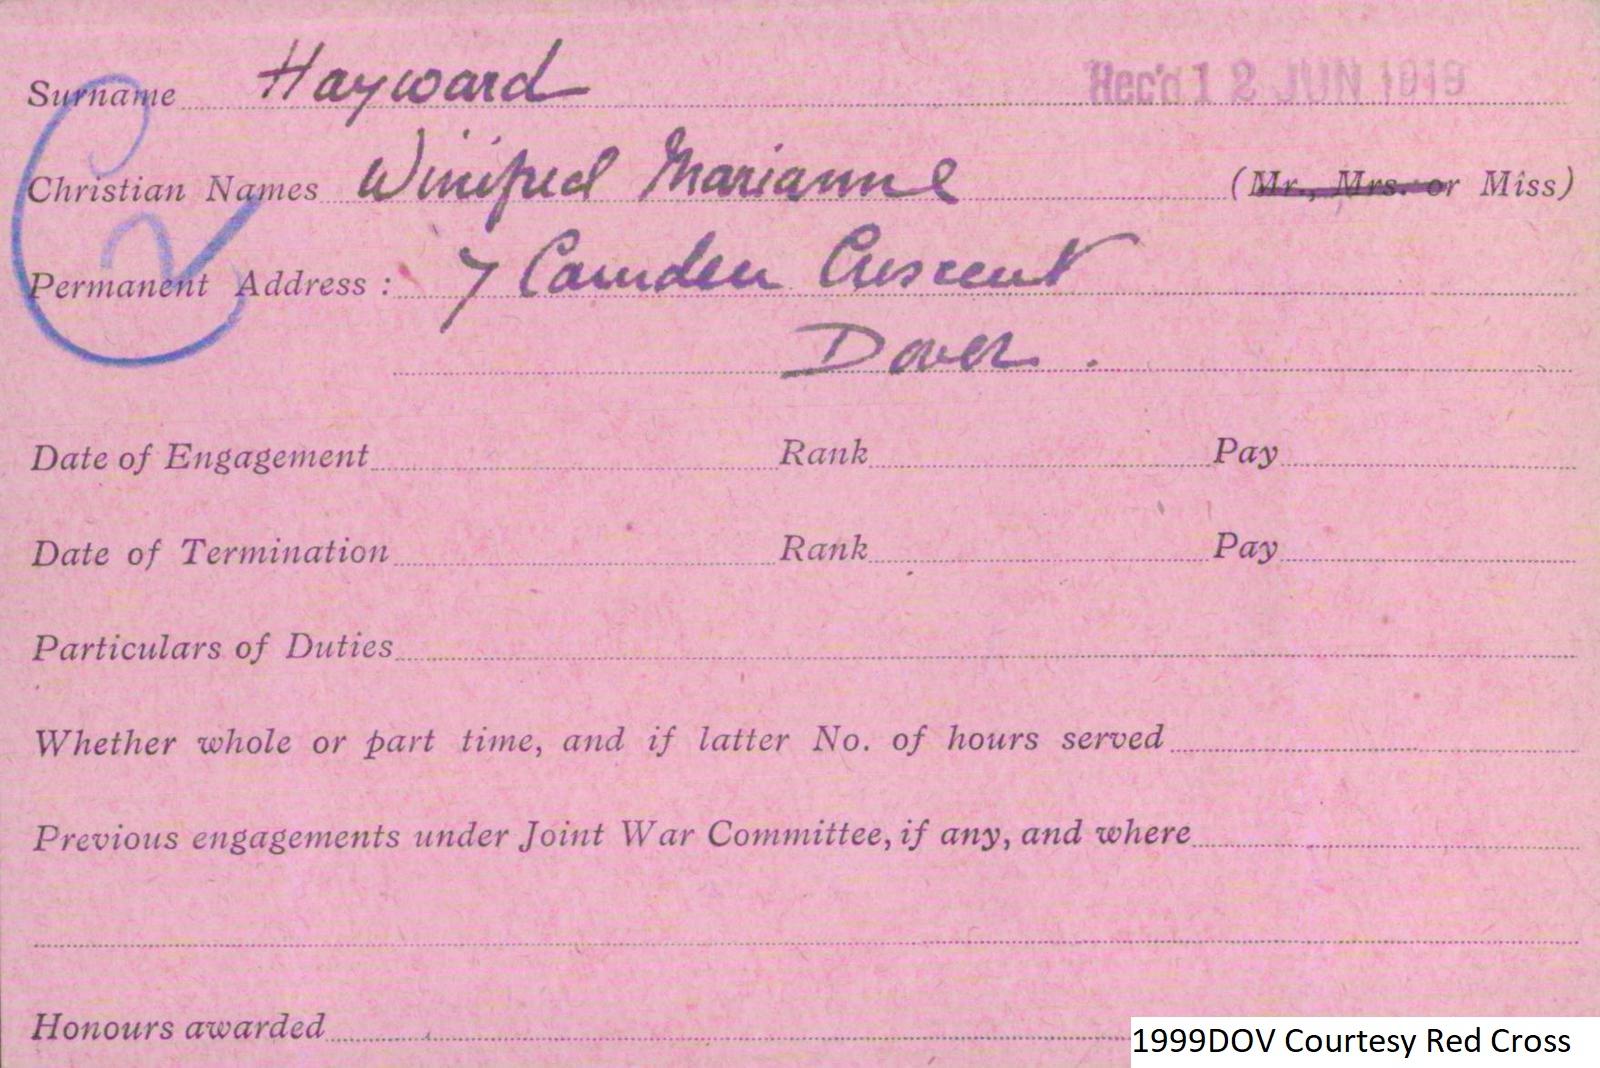 Winifred Hayward VAD